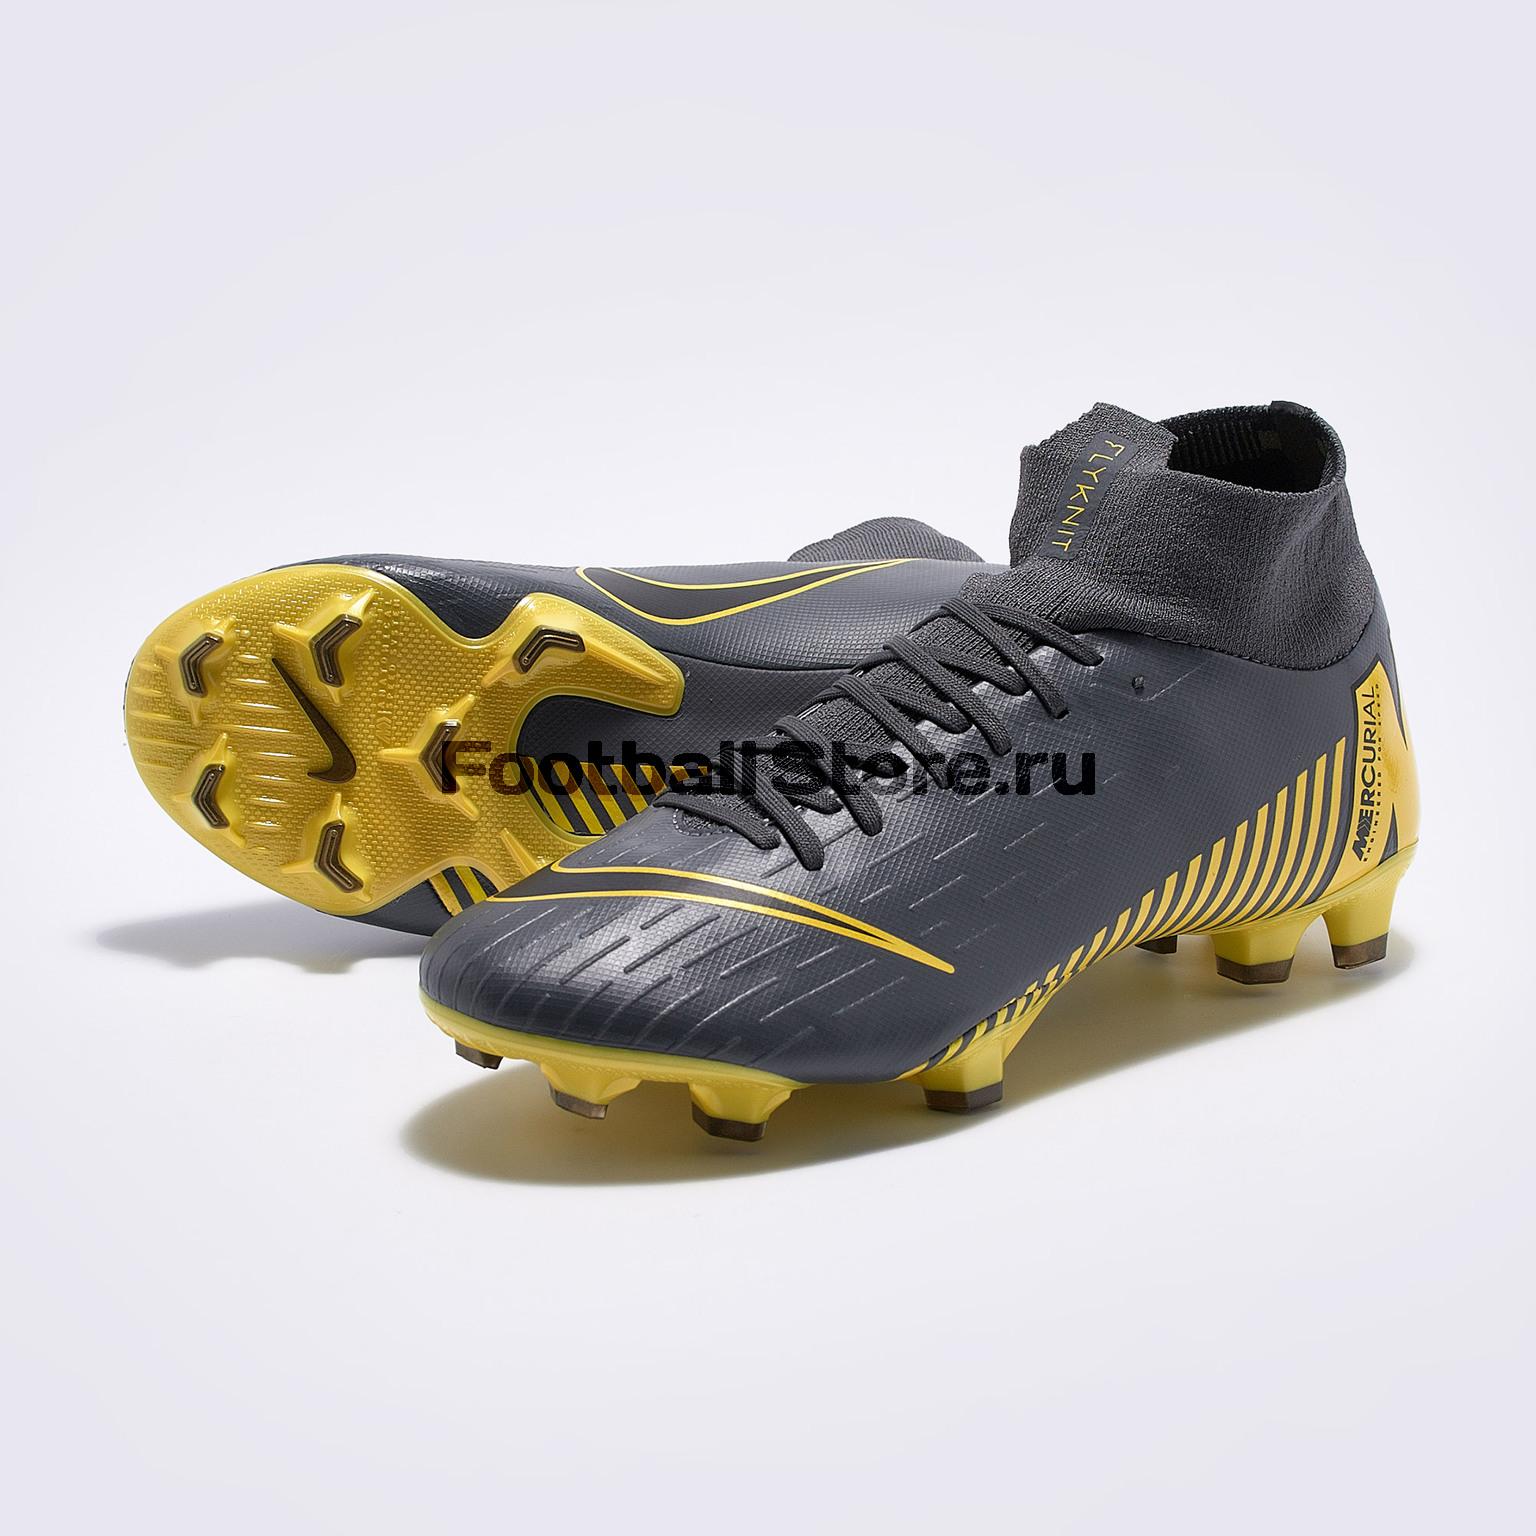 Бутсы Nike Superfly 6 Pro FG AH7368-070 бутсы детские nike superfly 6 elite fg ah7340 060